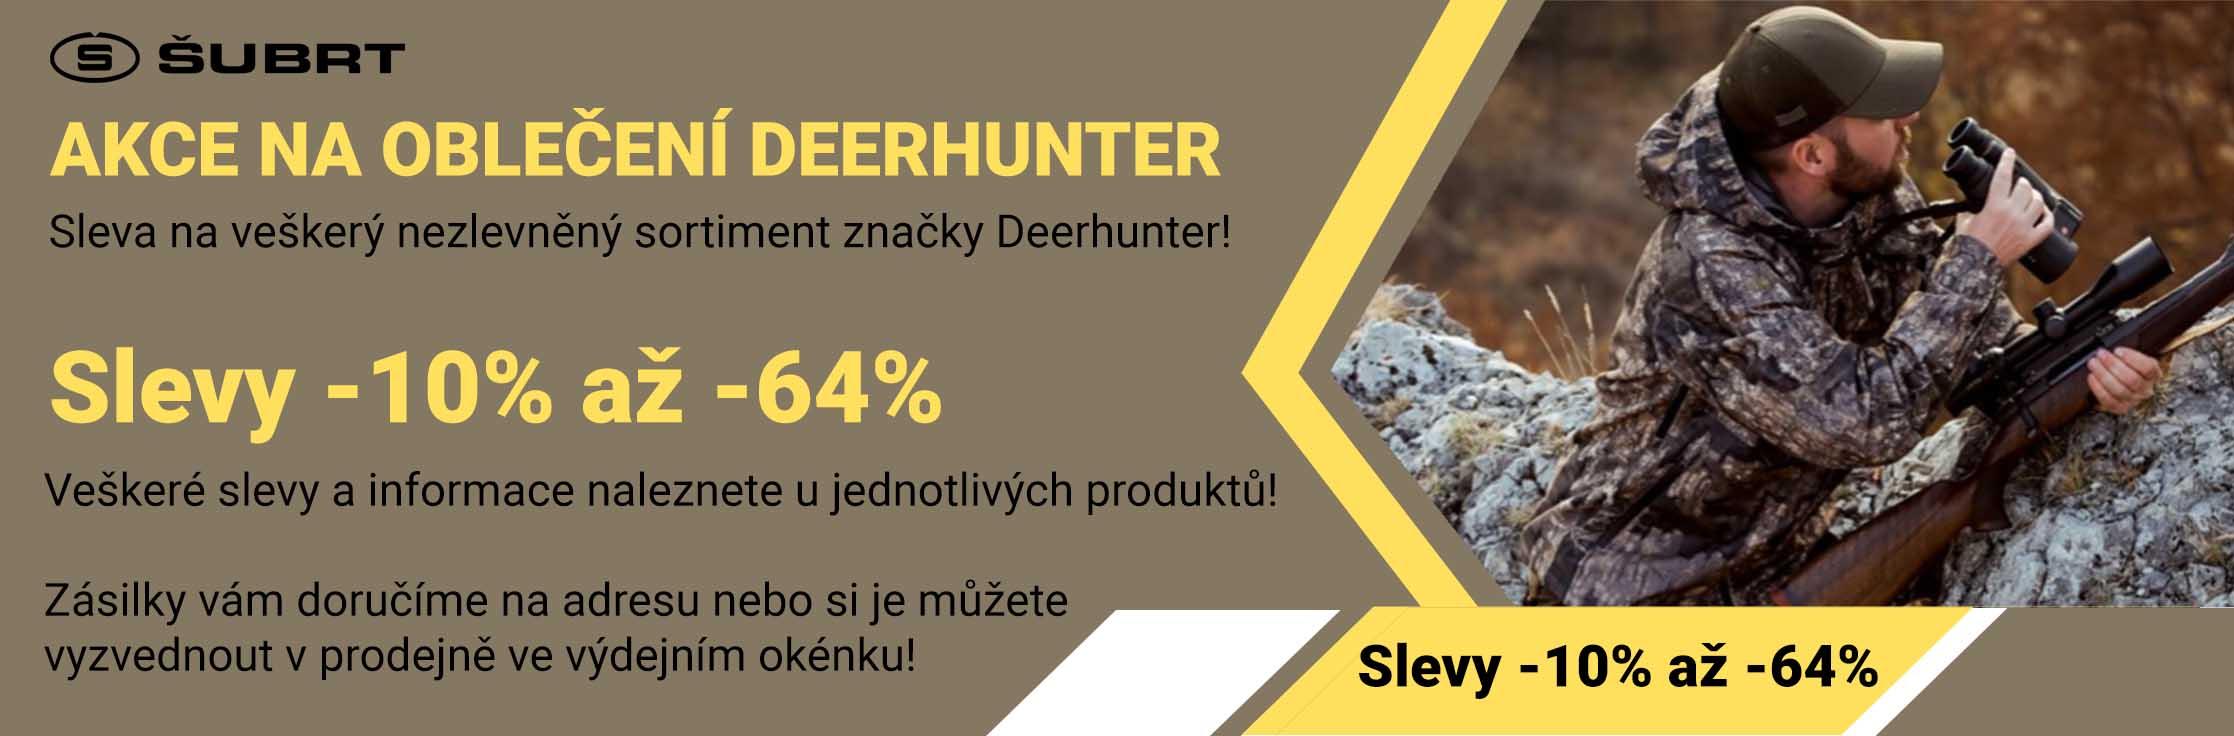 Deerhunter akce